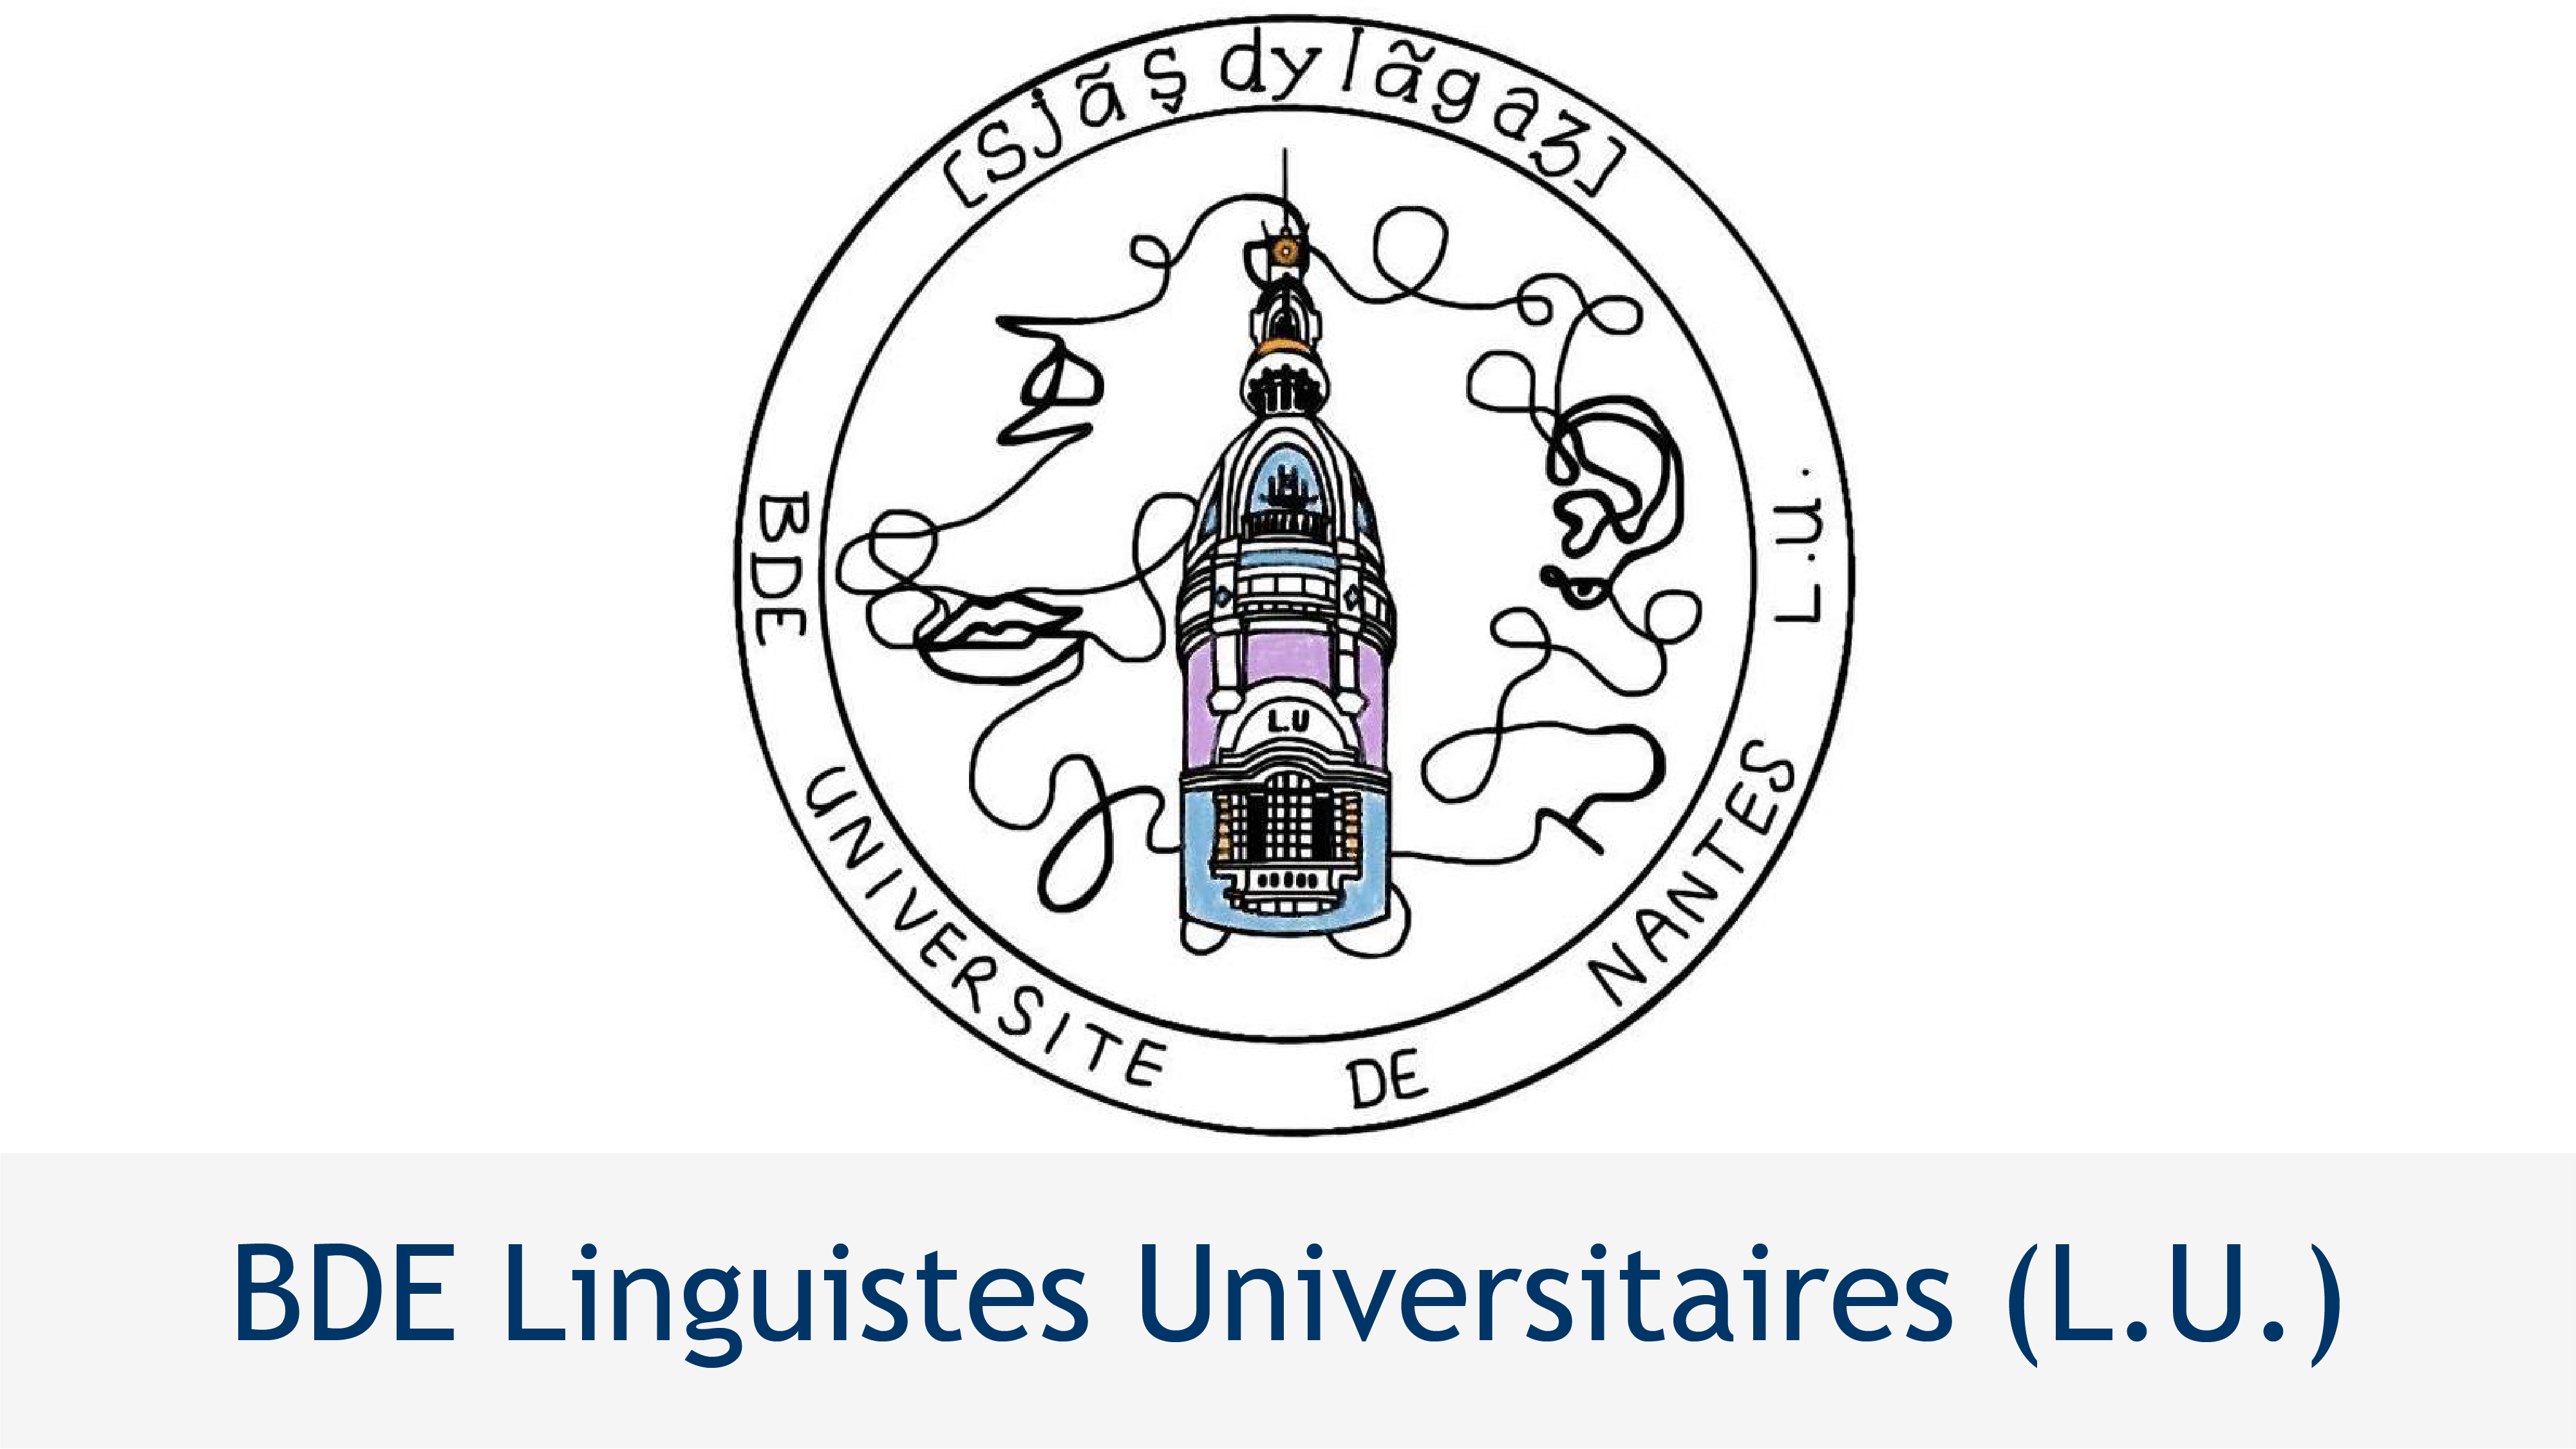 BDE Linguistes Universitaires (L.U.)